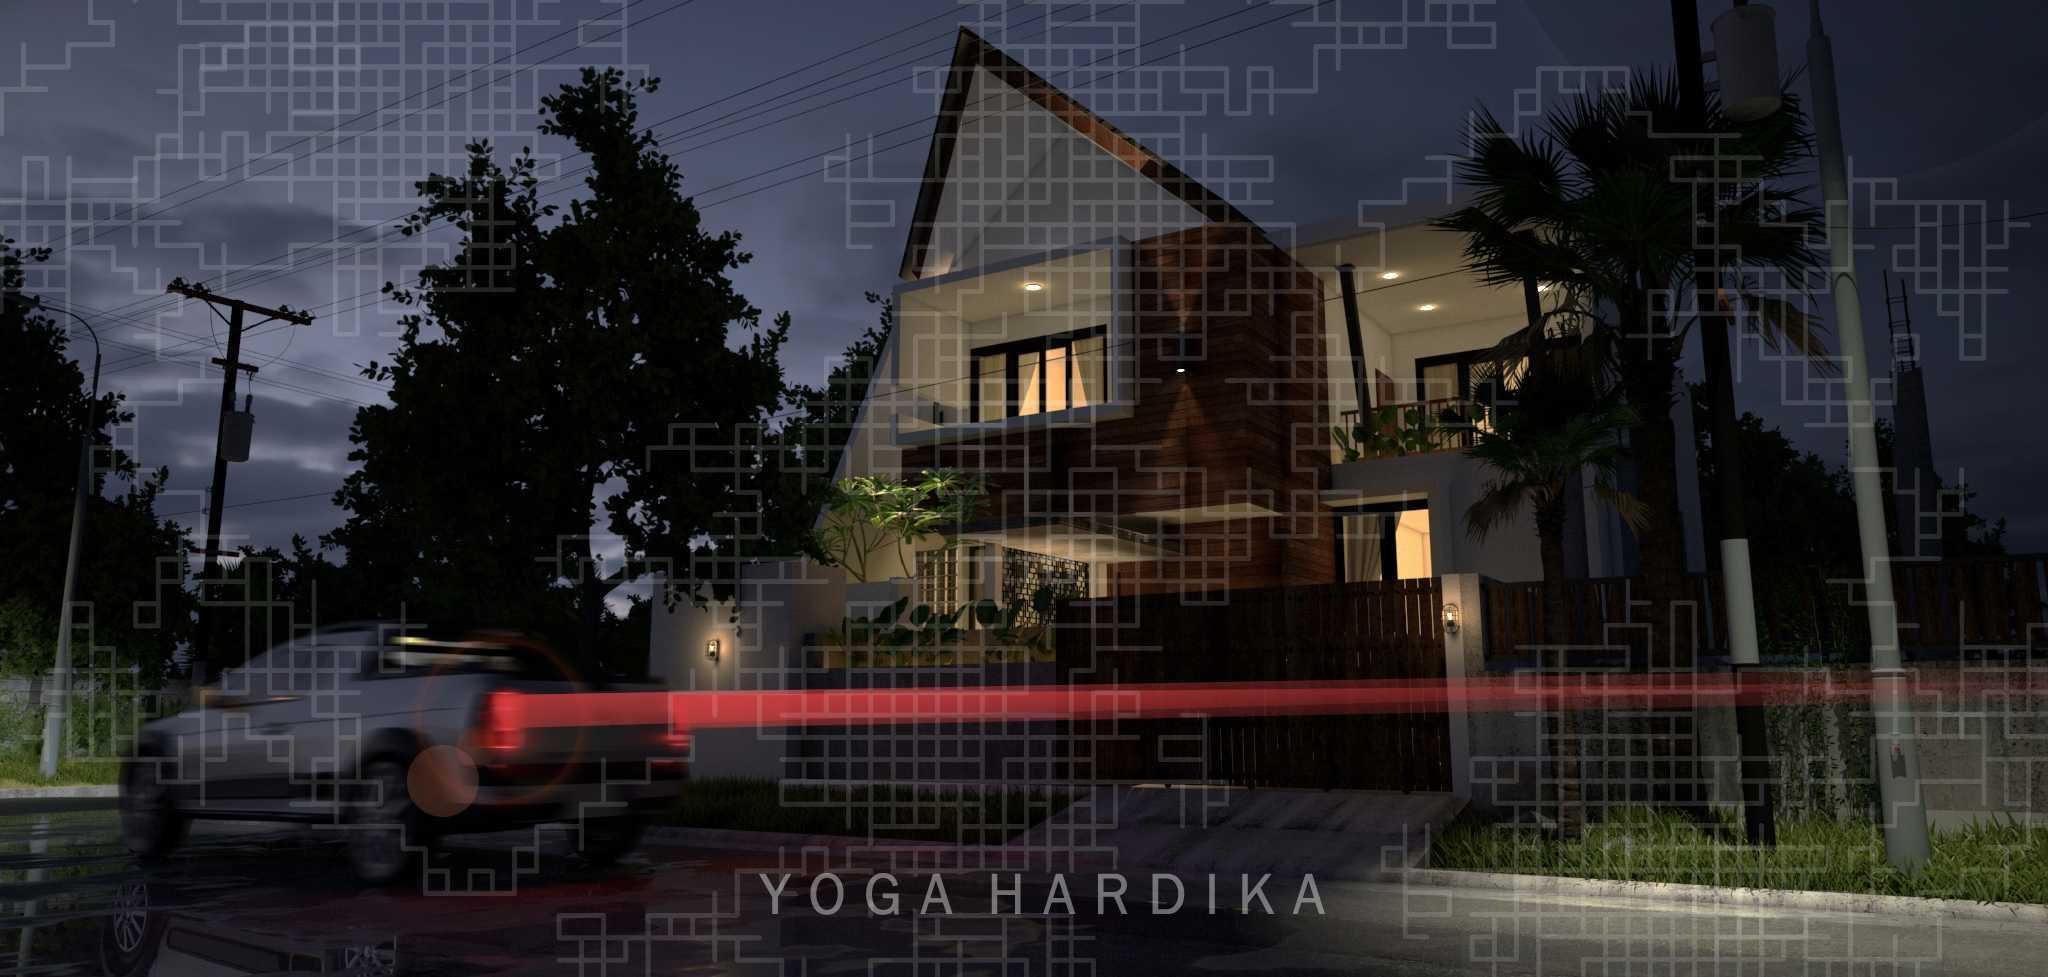 Yoga Hardika A House Kabupaten Buleleng, Bali, Indonesia Kabupaten Buleleng, Bali, Indonesia Yoga-Hardika-A-House   95433